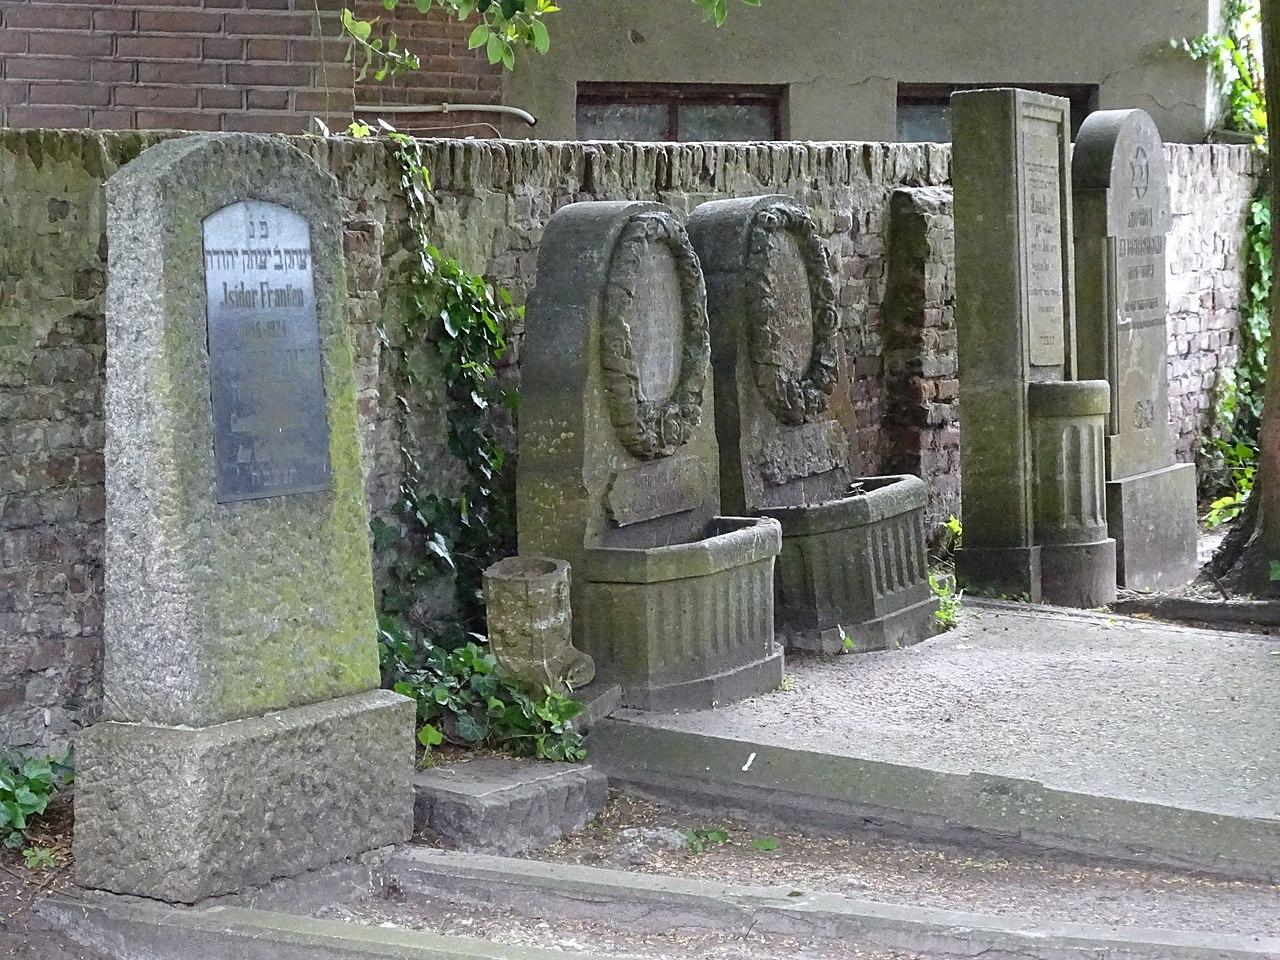 Jüdischer Friedhof (Emmerich am Rhein) PM15-05.jpg